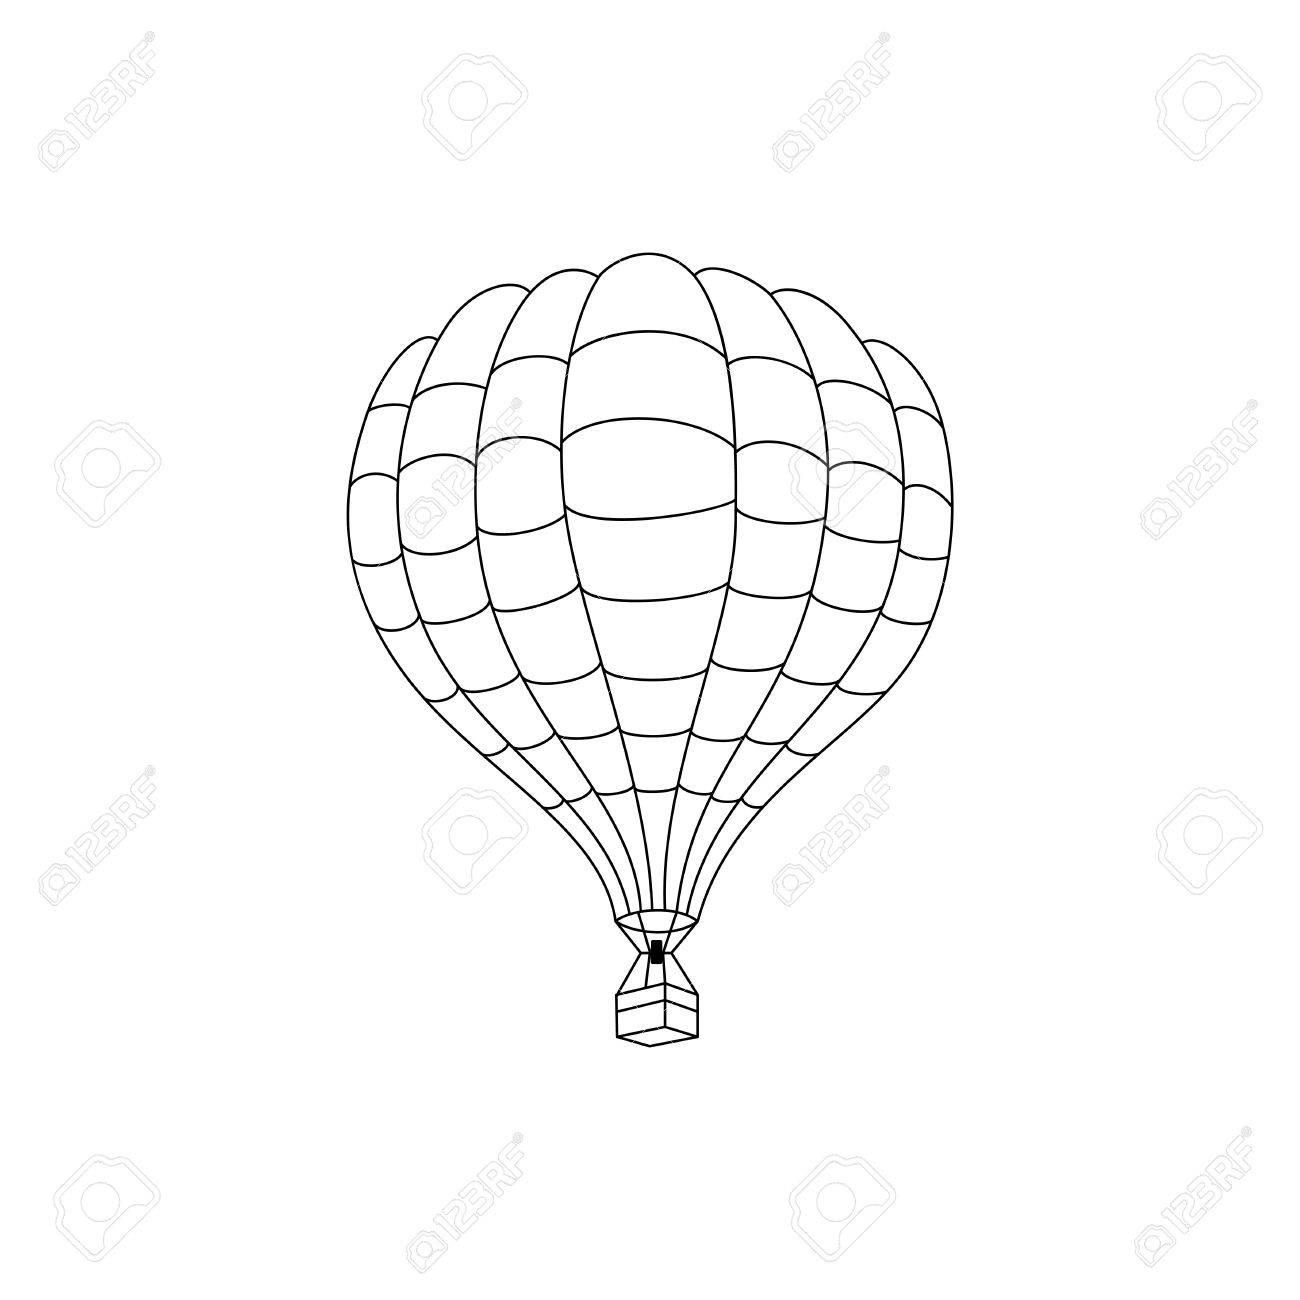 Atemberaubend Heißluftballon Farbseite Zeitgenössisch - Malvorlagen ...